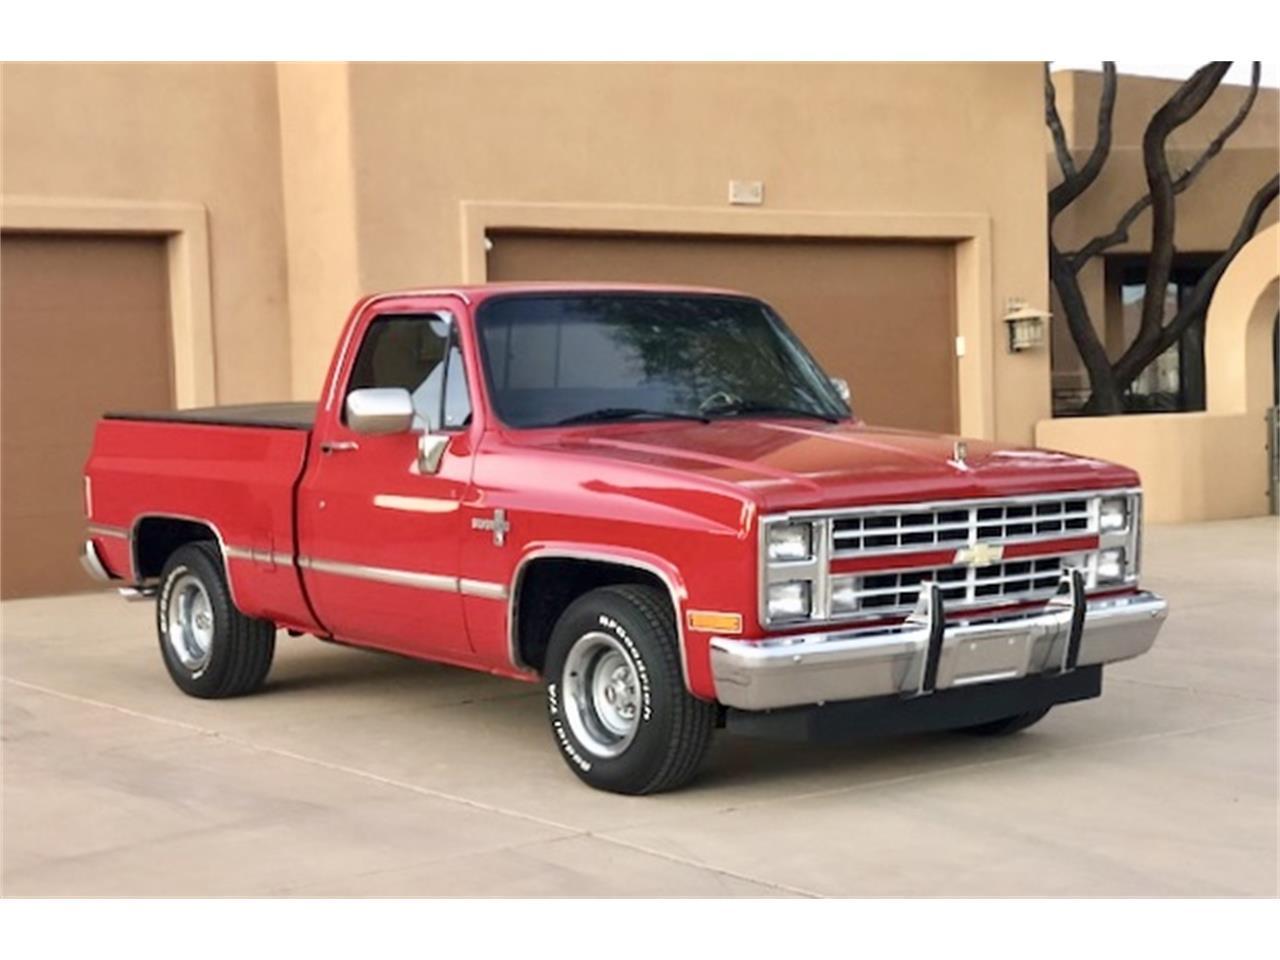 1987 Chevrolet Silverado For Sale Classiccars Com Cc 1161568